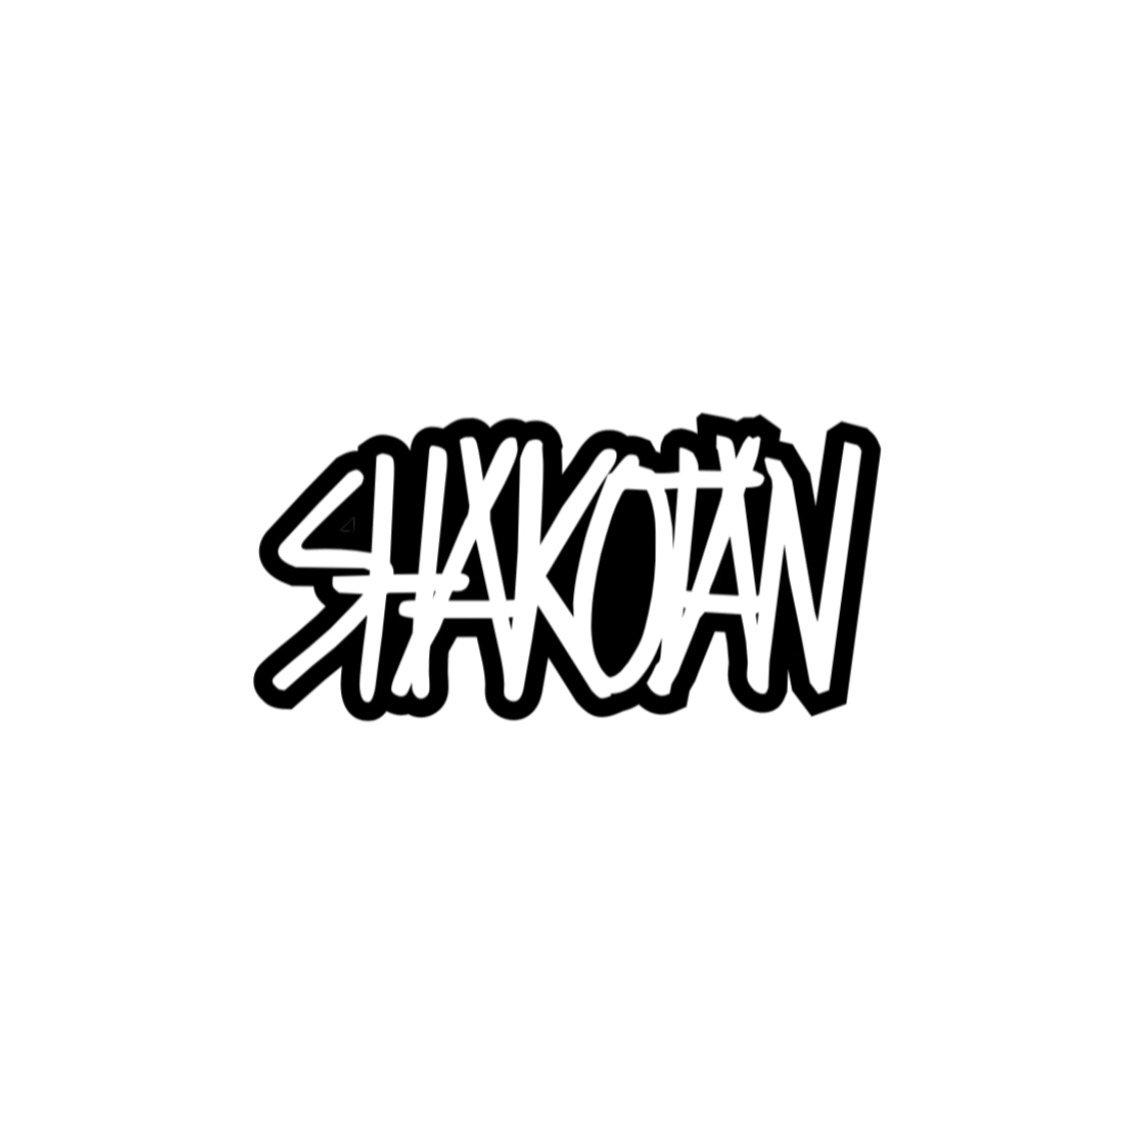 Image of SHAKOTAN